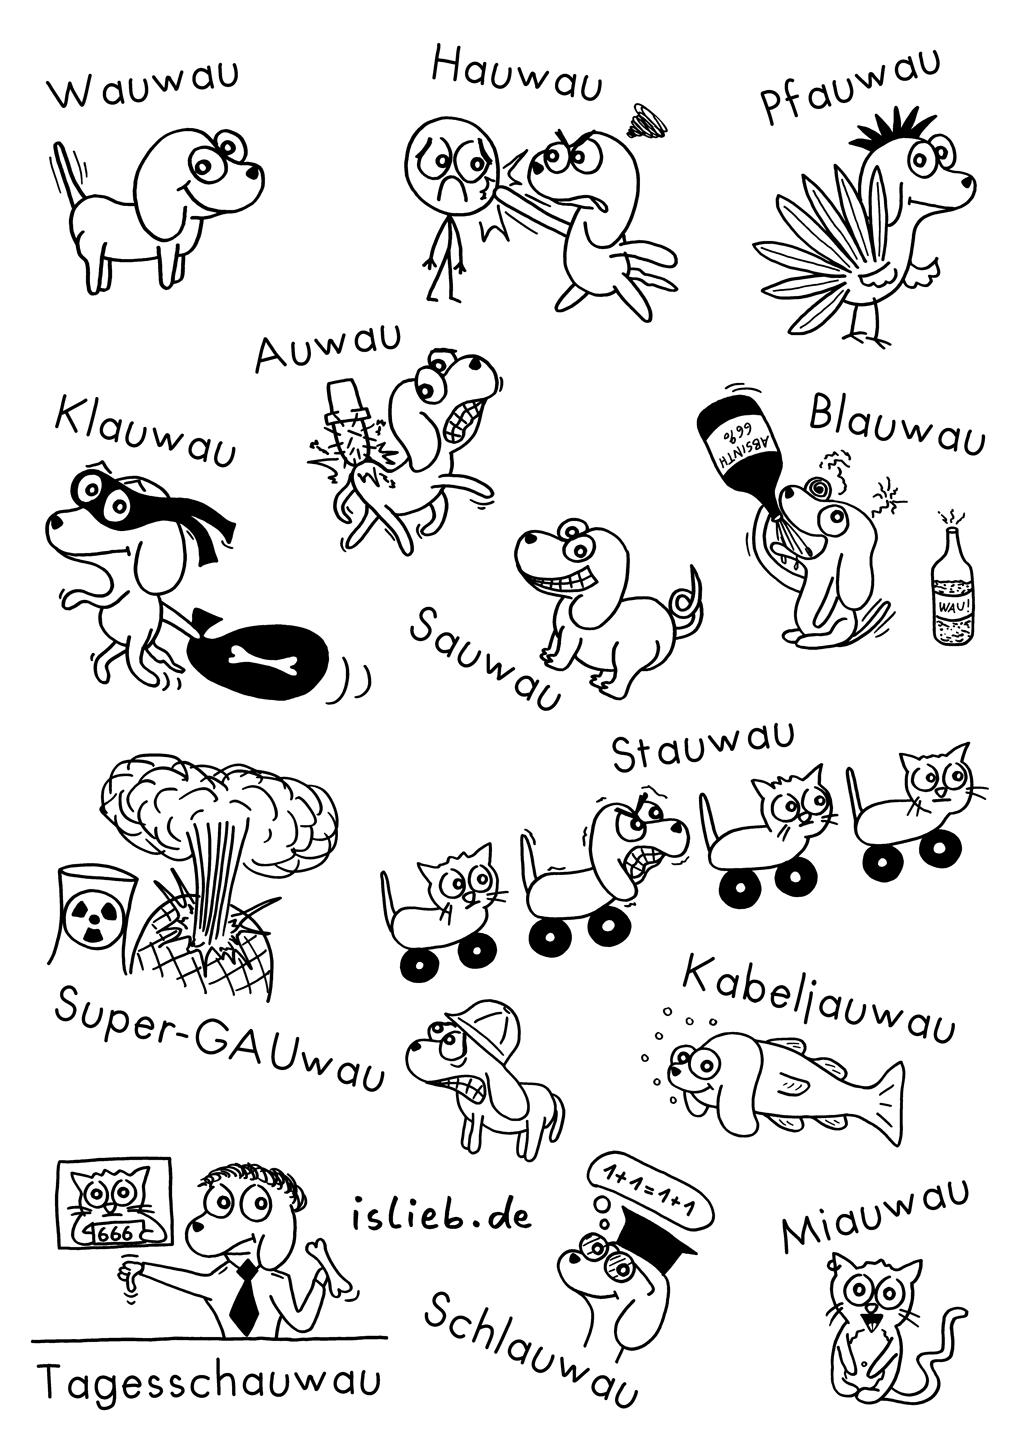 Wauwaus | Hunde-Comic | is lieb?